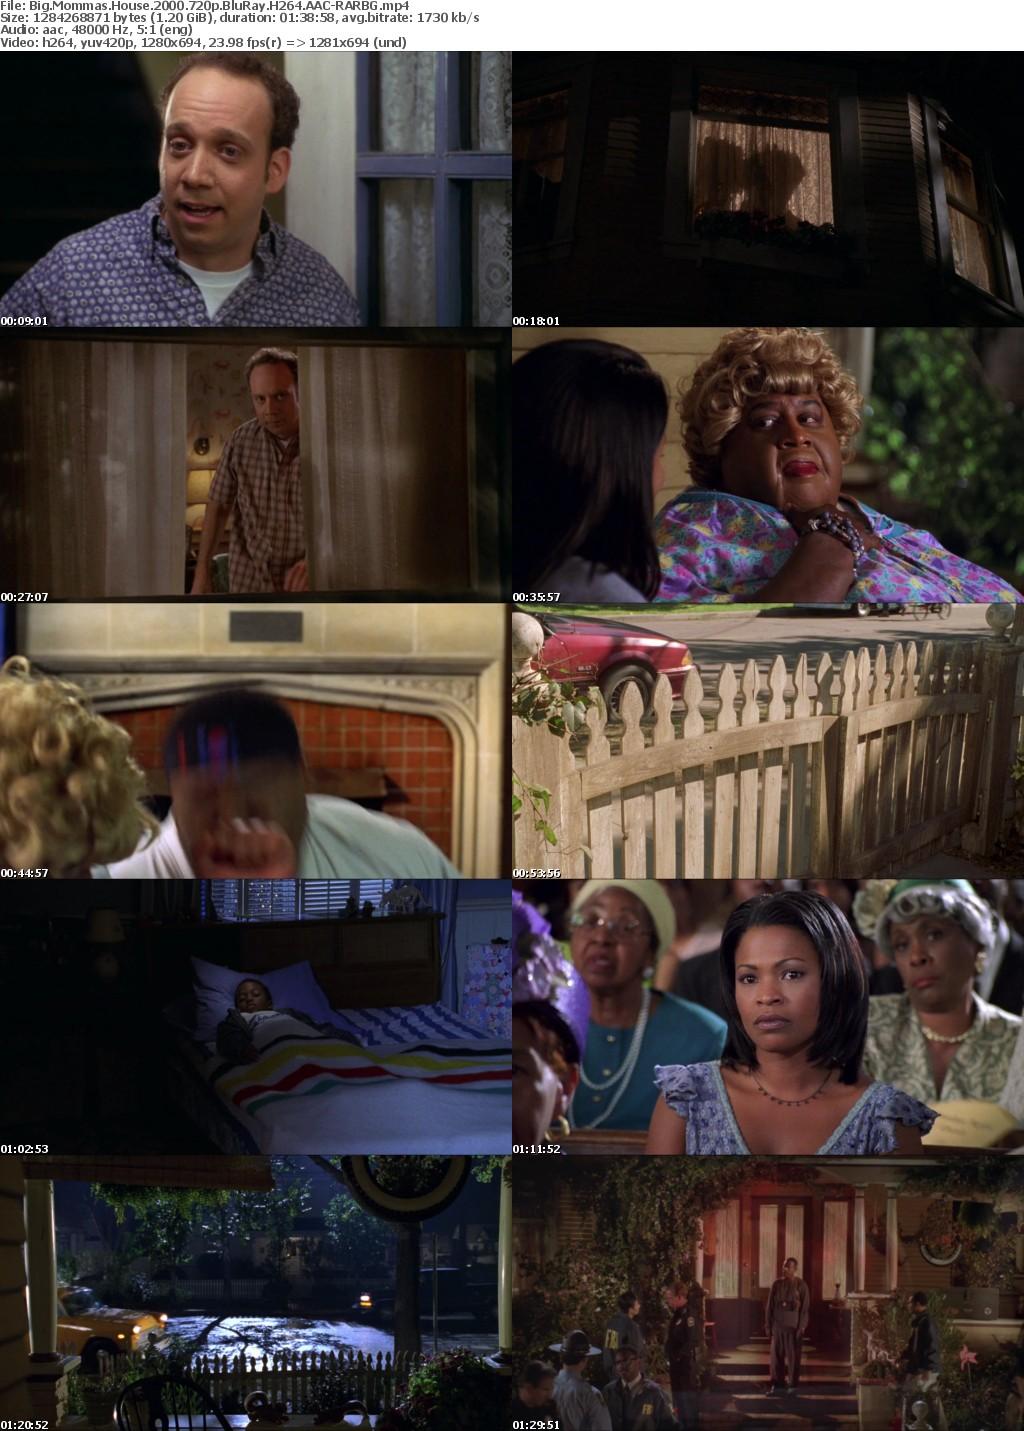 Big Mommas House (2000) 720p BluRay H264 AAC-RARBG